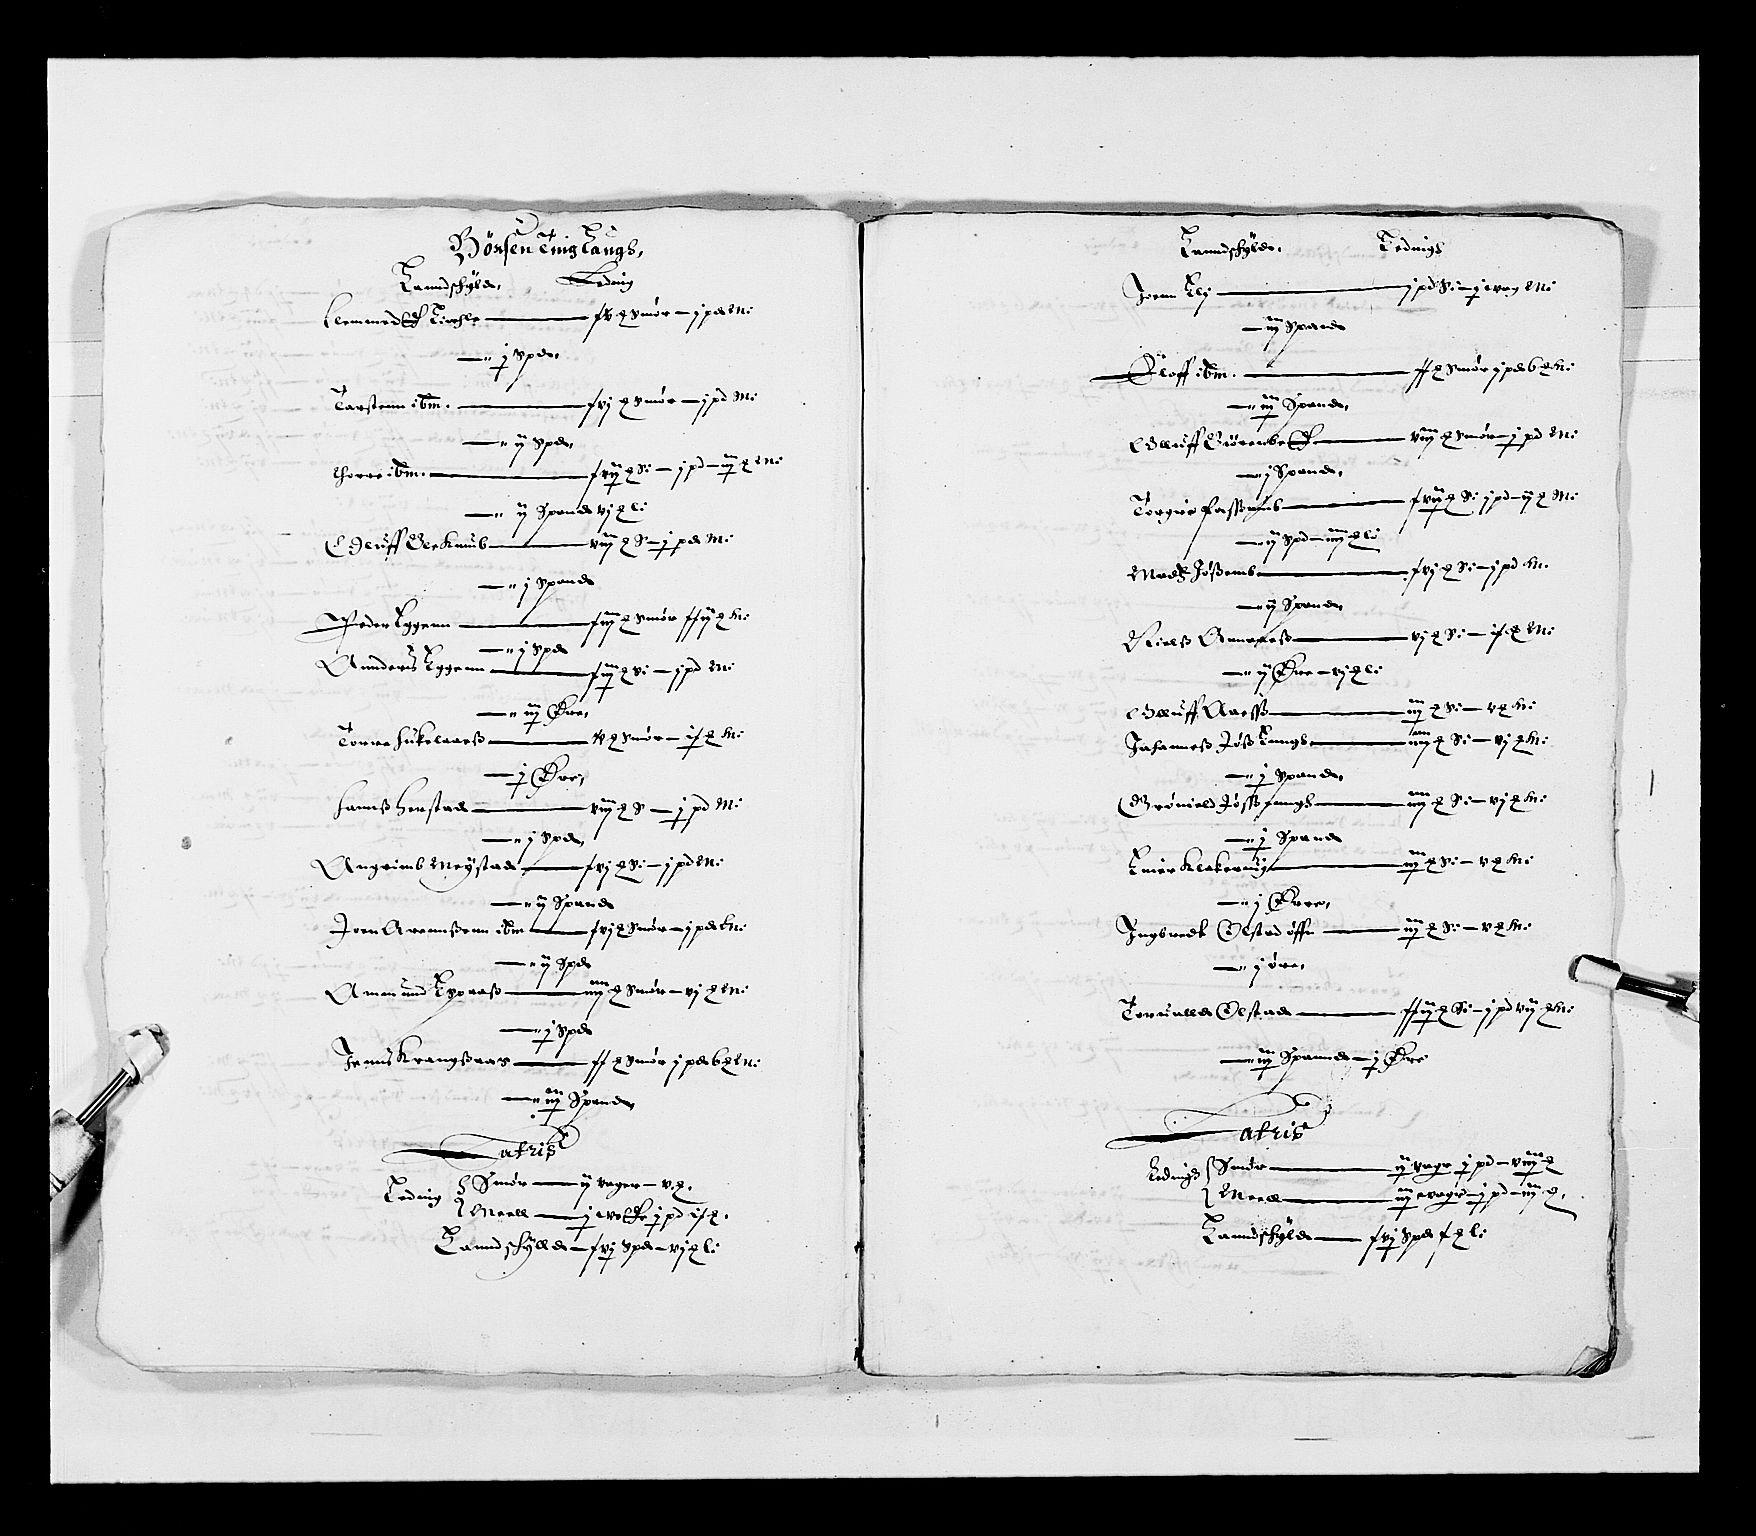 RA, Stattholderembetet 1572-1771, Ek/L0028: Jordebøker 1633-1658:, 1645-1646, s. 167